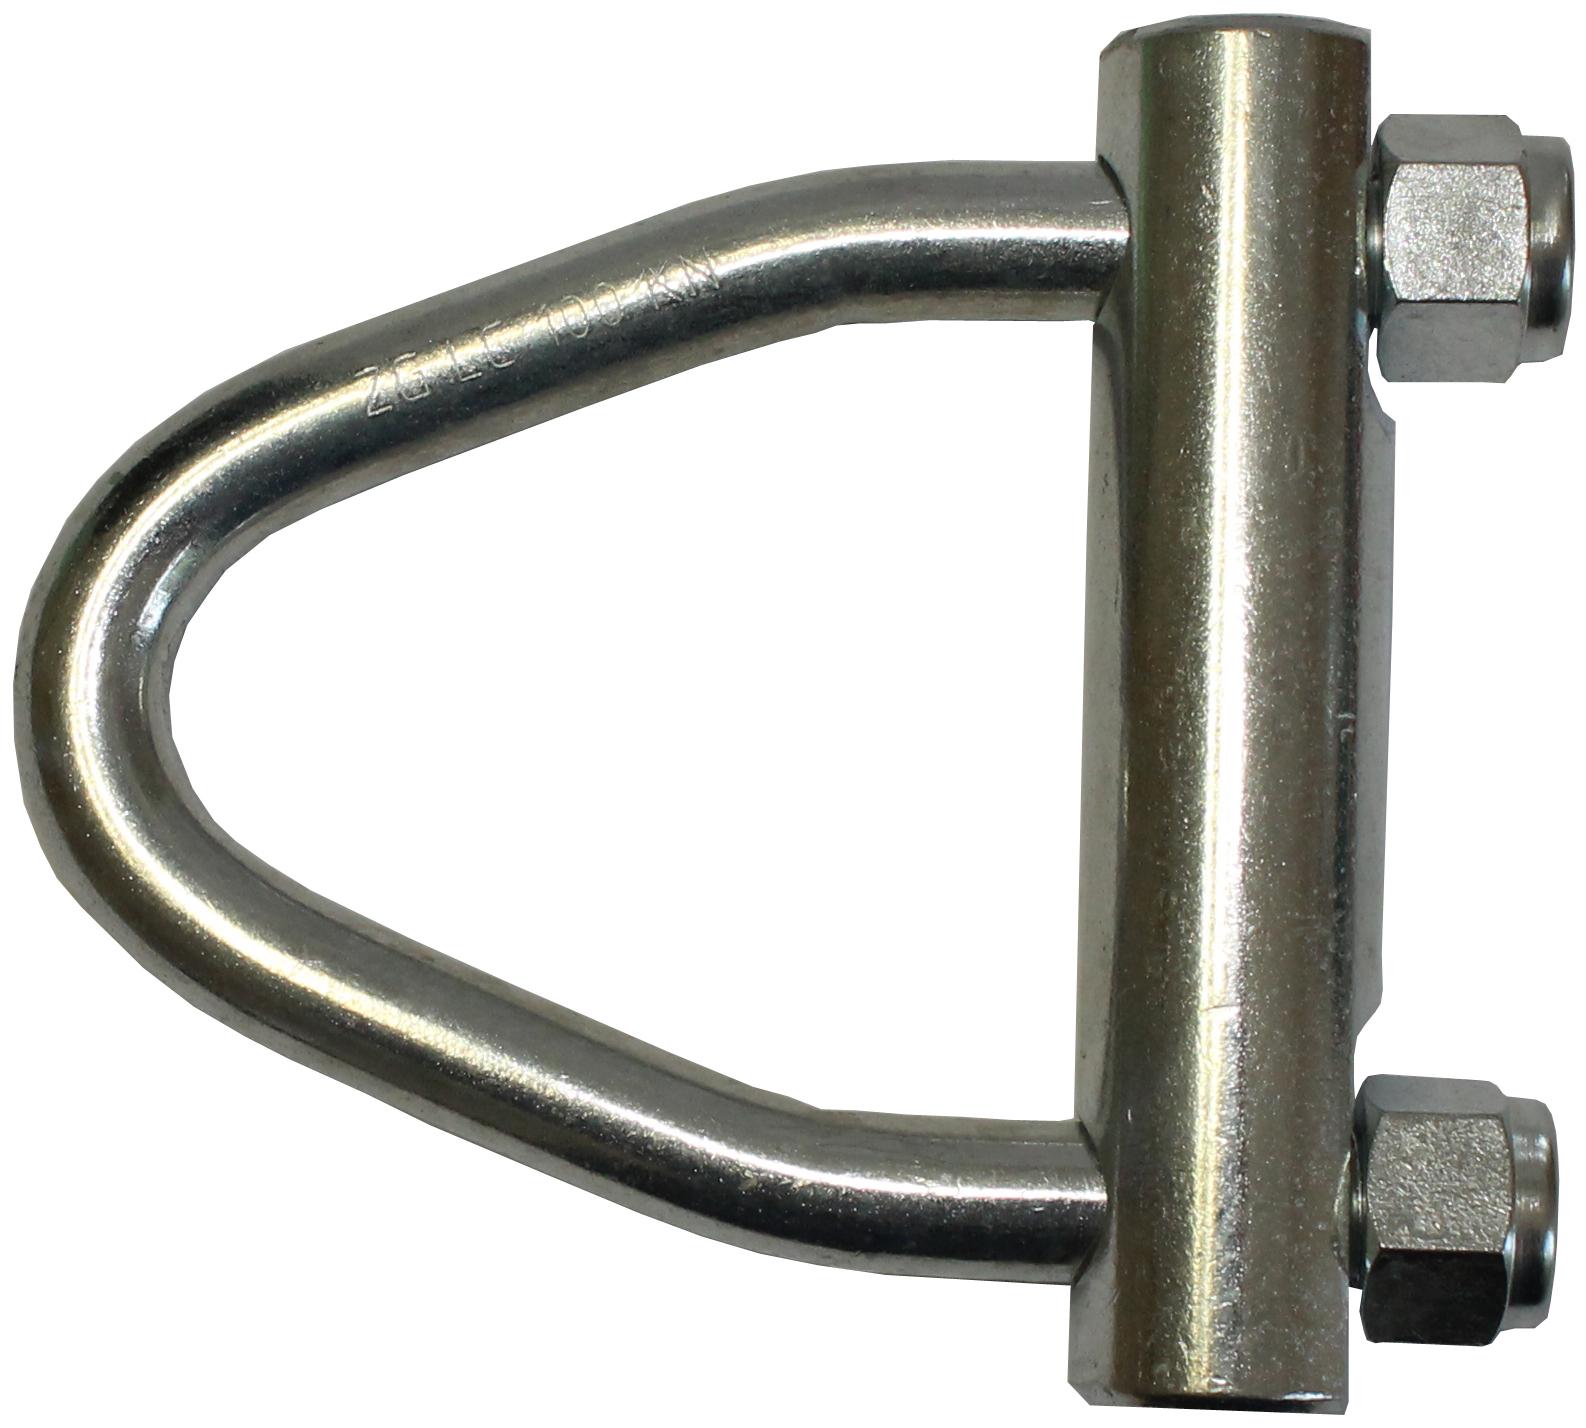 Bandbügel für Bandbreite 75 mm